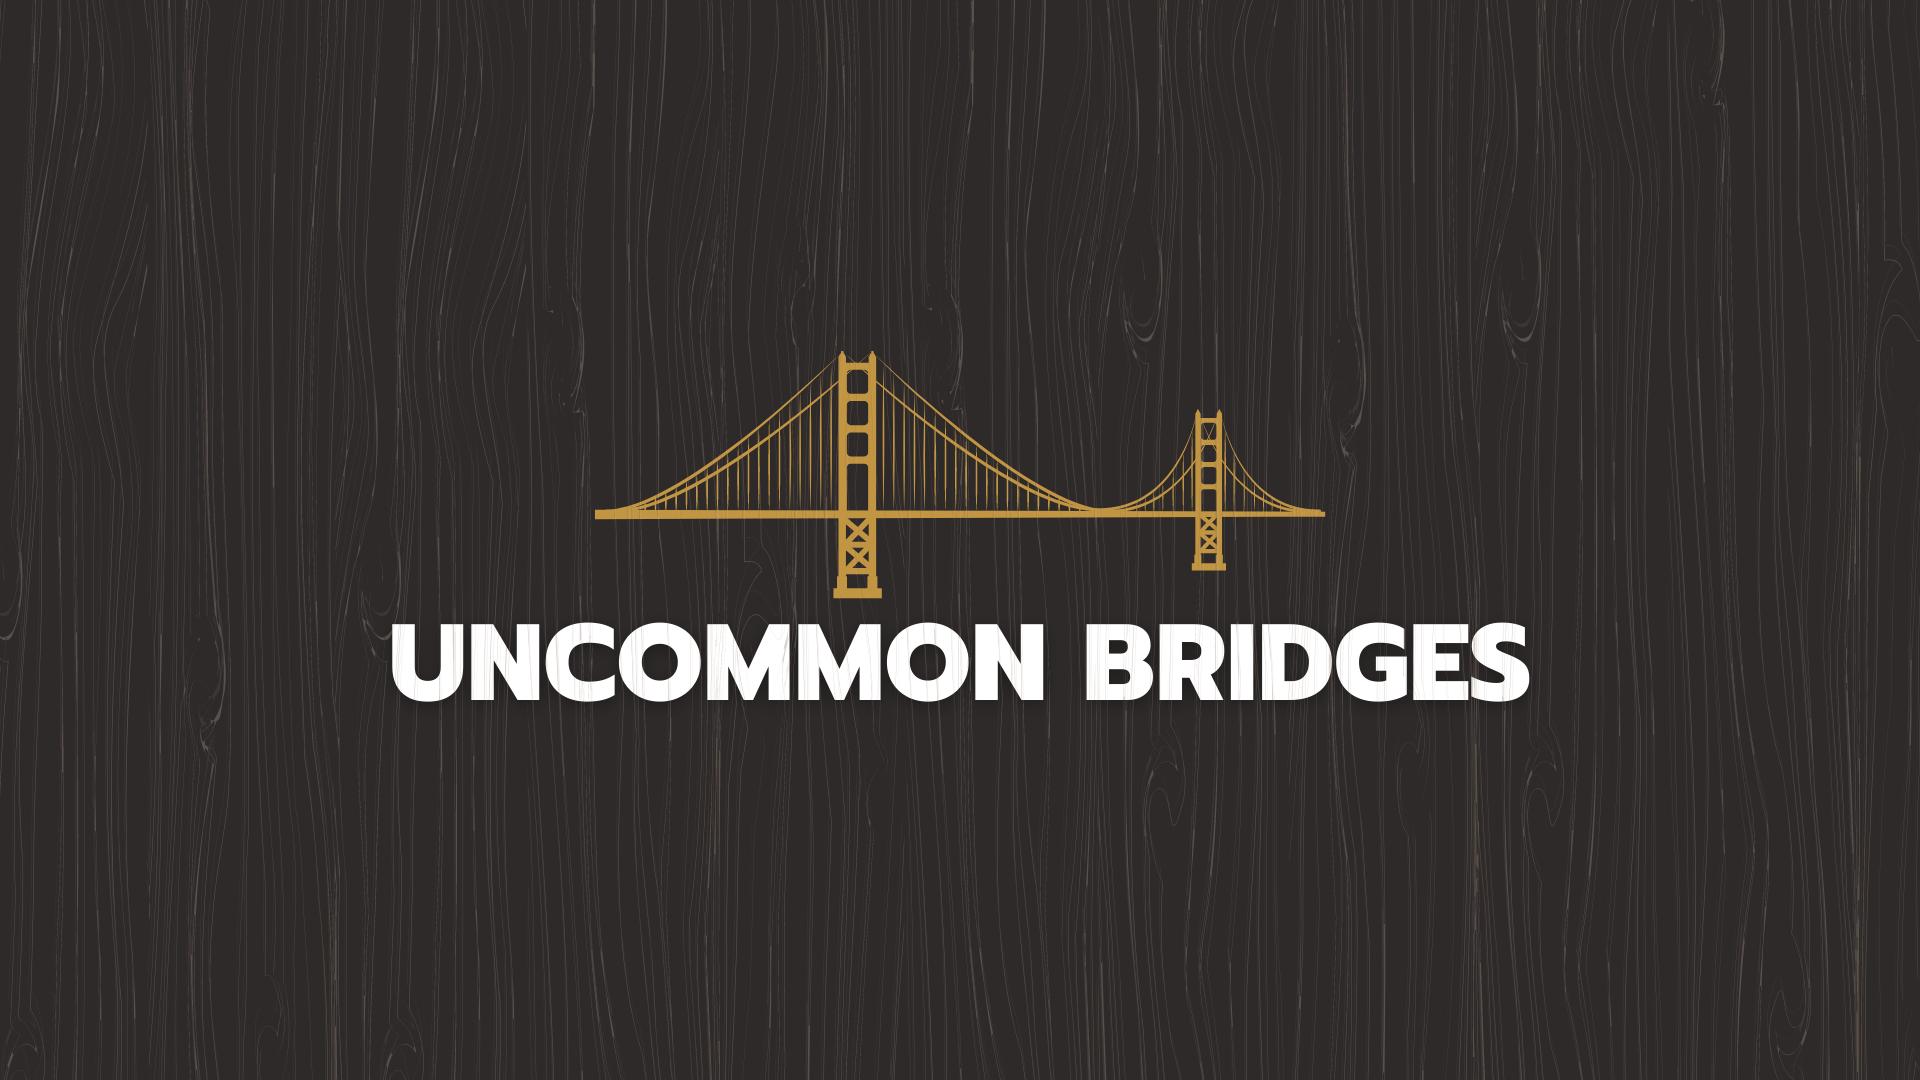 Uncommon Bridges